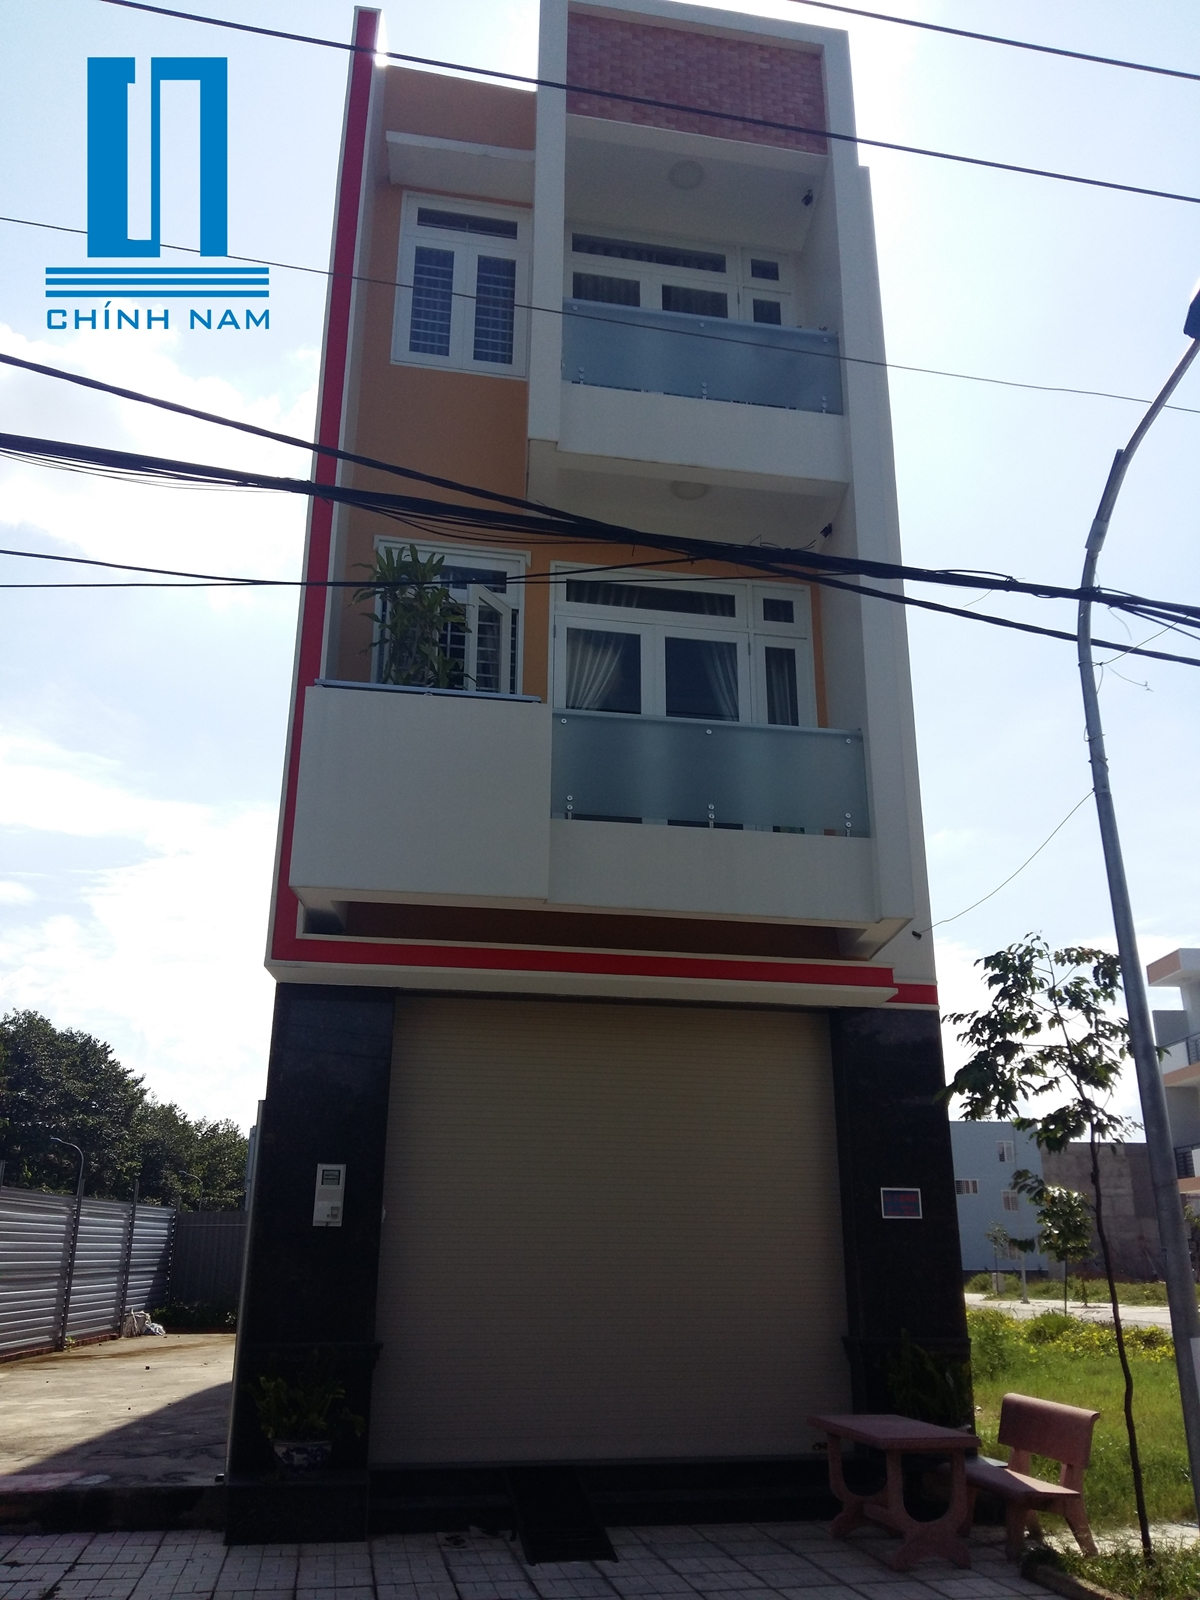 Thi công nhà Phố tại Biên Hòa